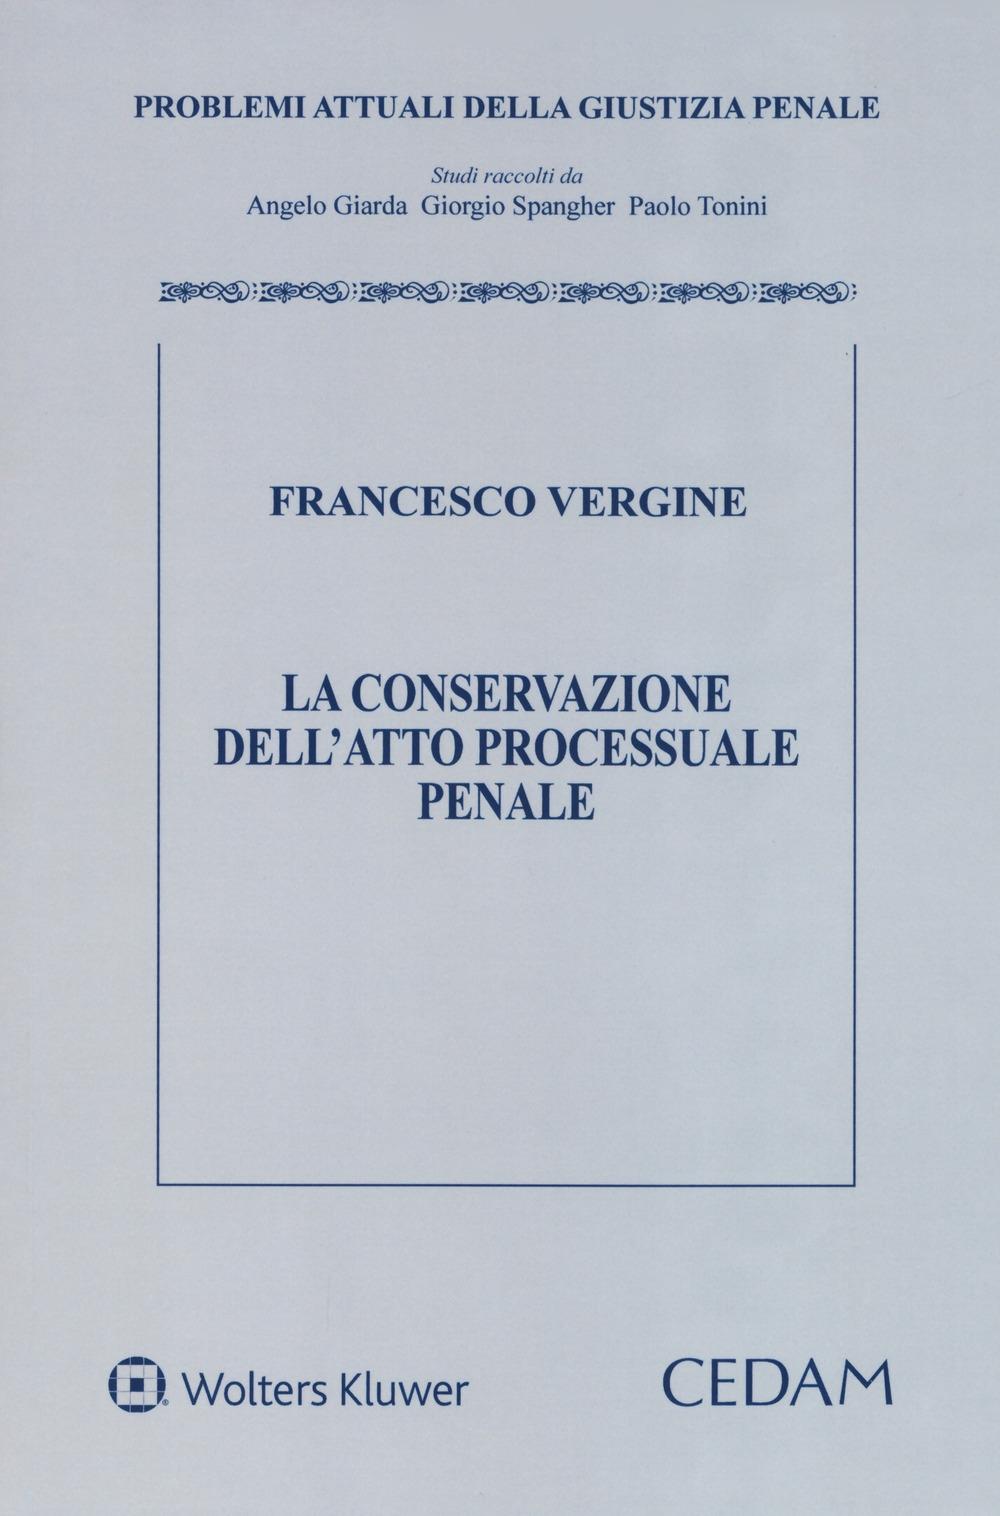 La conservazione dell'atto processuale penale